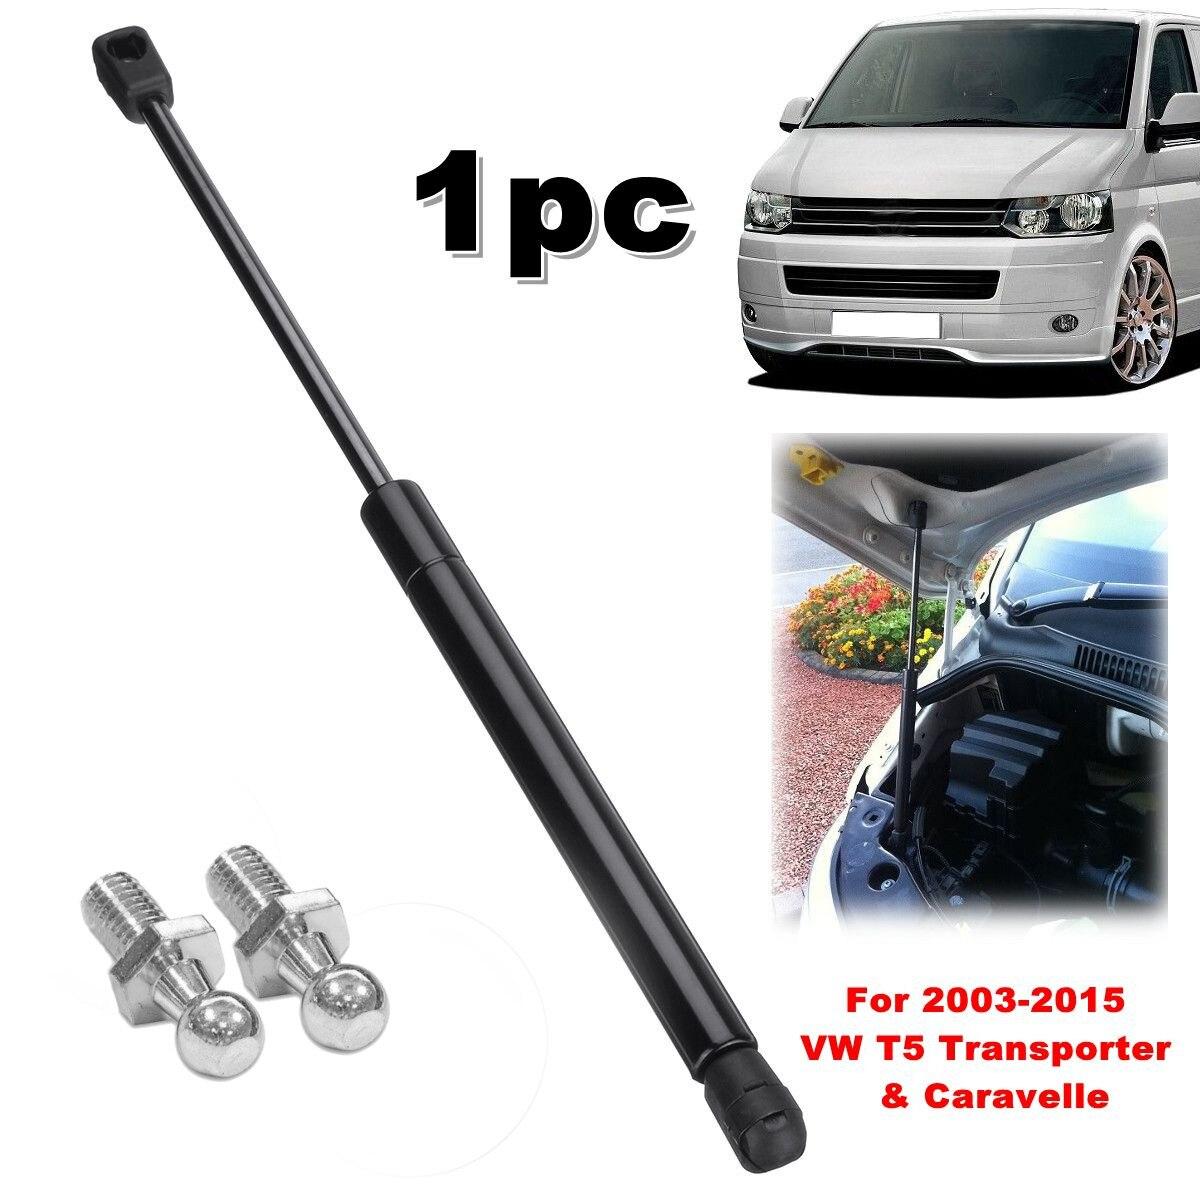 1Pc Motorkap Hood Ondersteuning Gas Strut 7E0823359 Voor Volkswagen Vw T5 Transporter Caravelle 2003 2004 2005 2006 2007 -2015